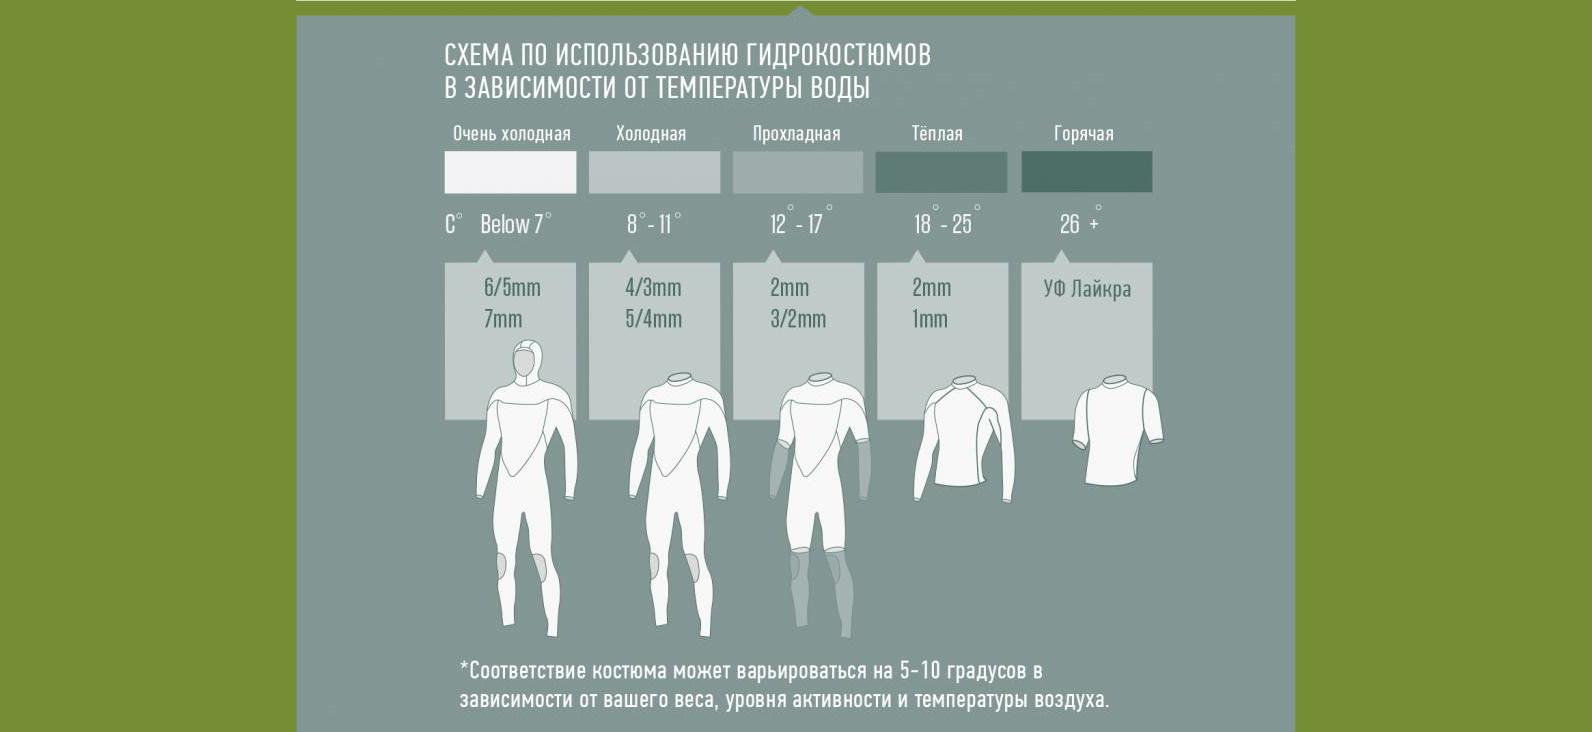 Схема использования гидрокостюма